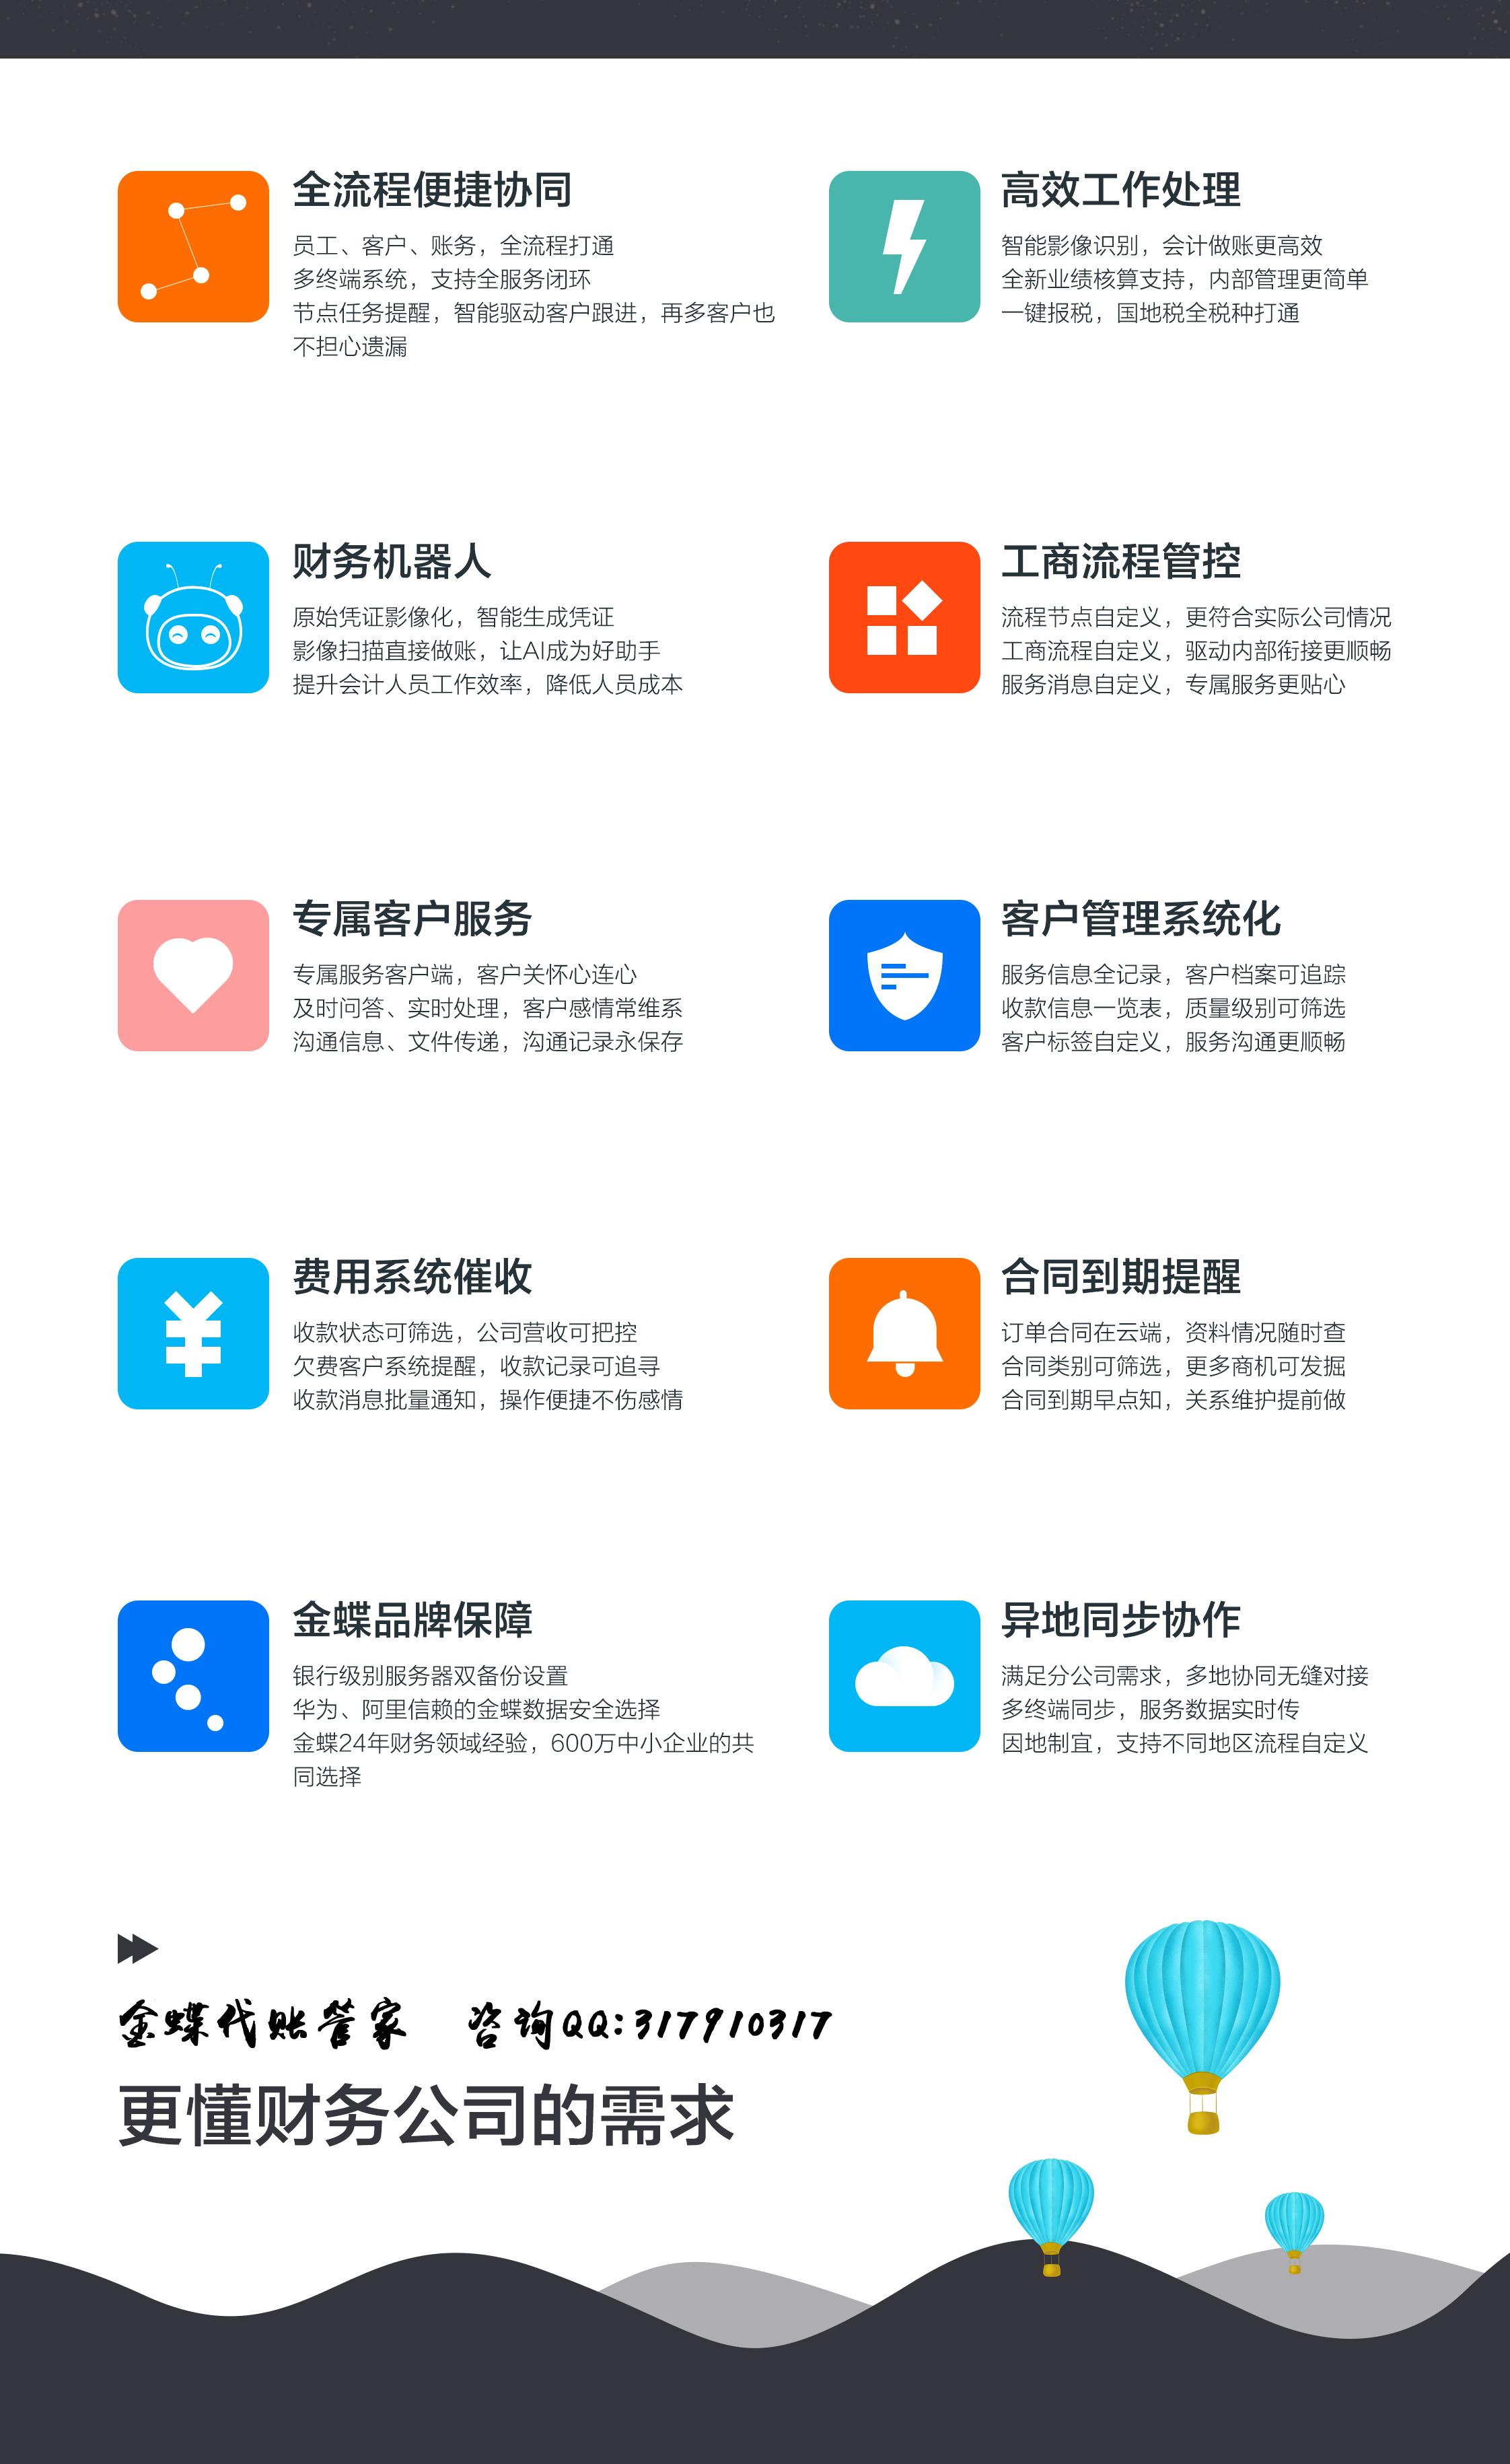 代账财务软件功能介绍